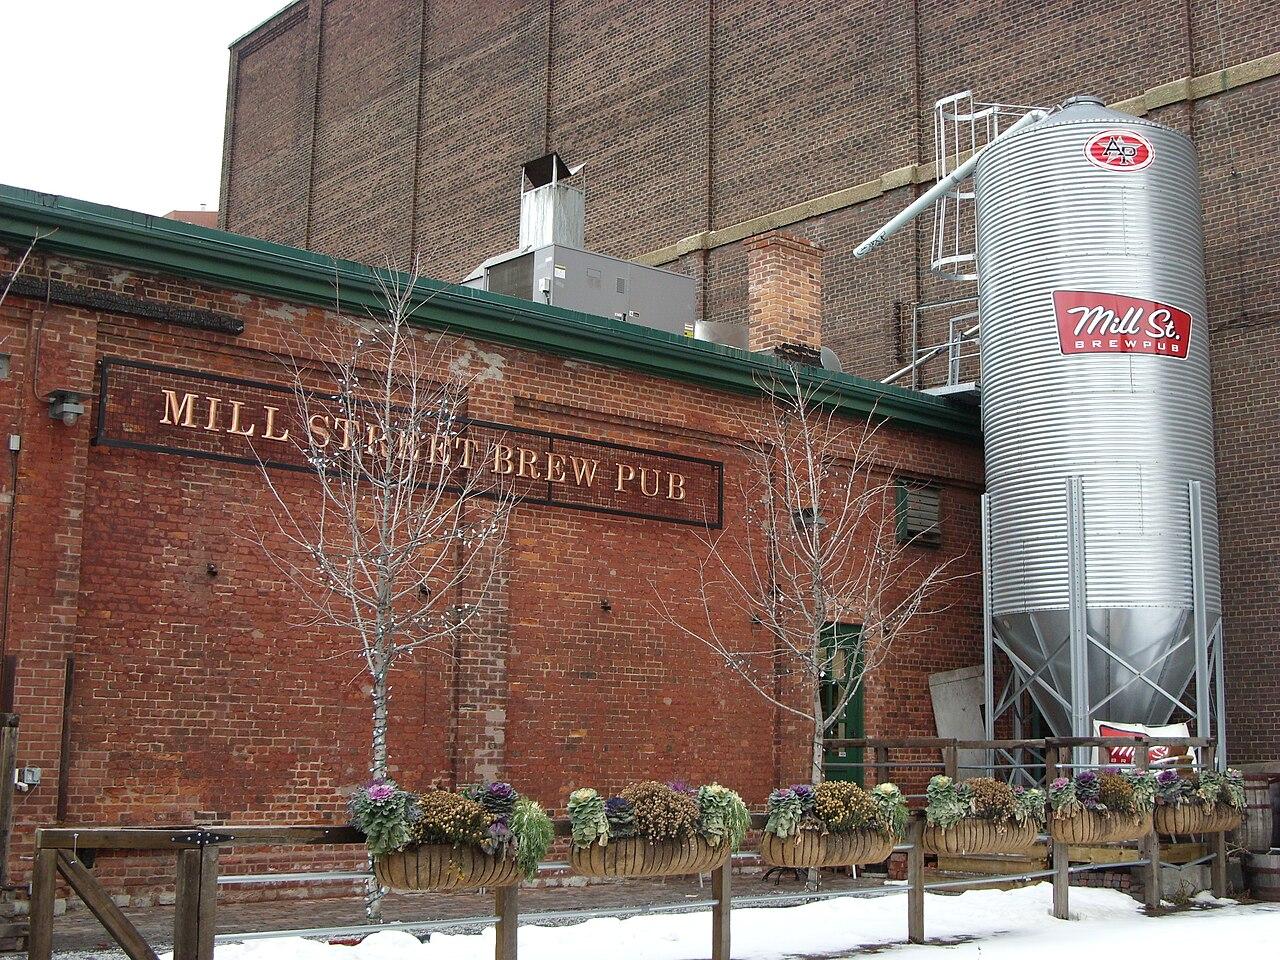 Mill Street Brewery - Wikipedia